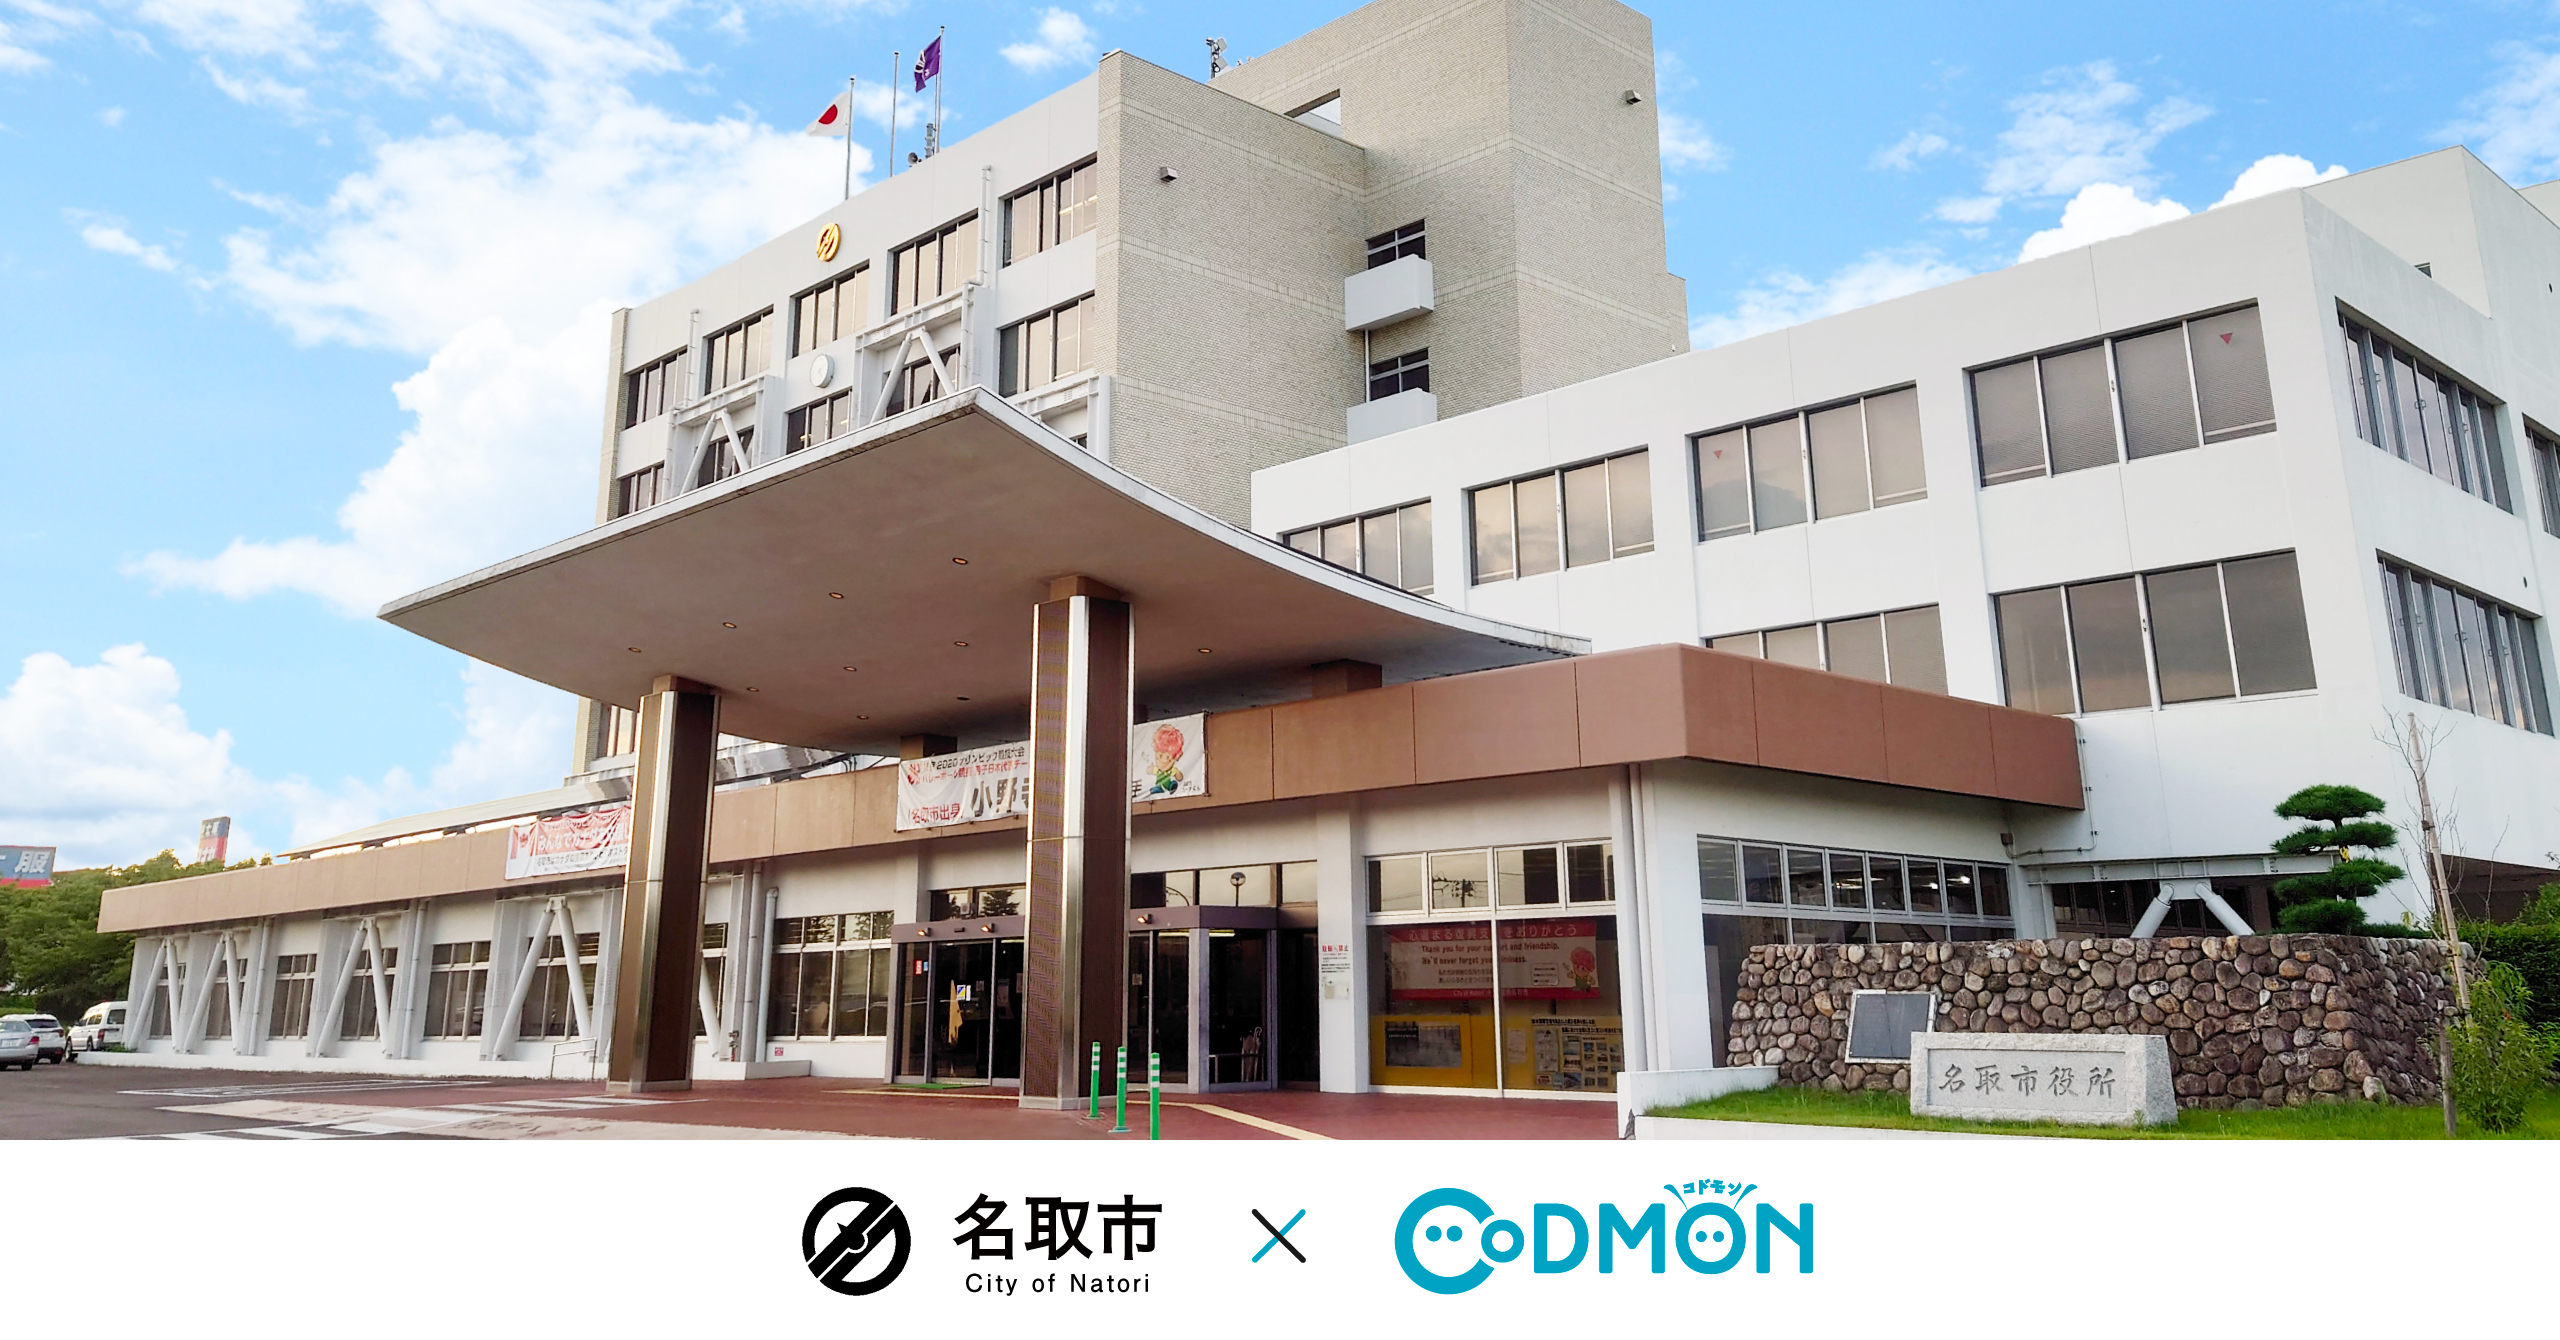 コドモン、宮城県名取市の学童保育施設において 保育ICTシステム「CoDMON」導入